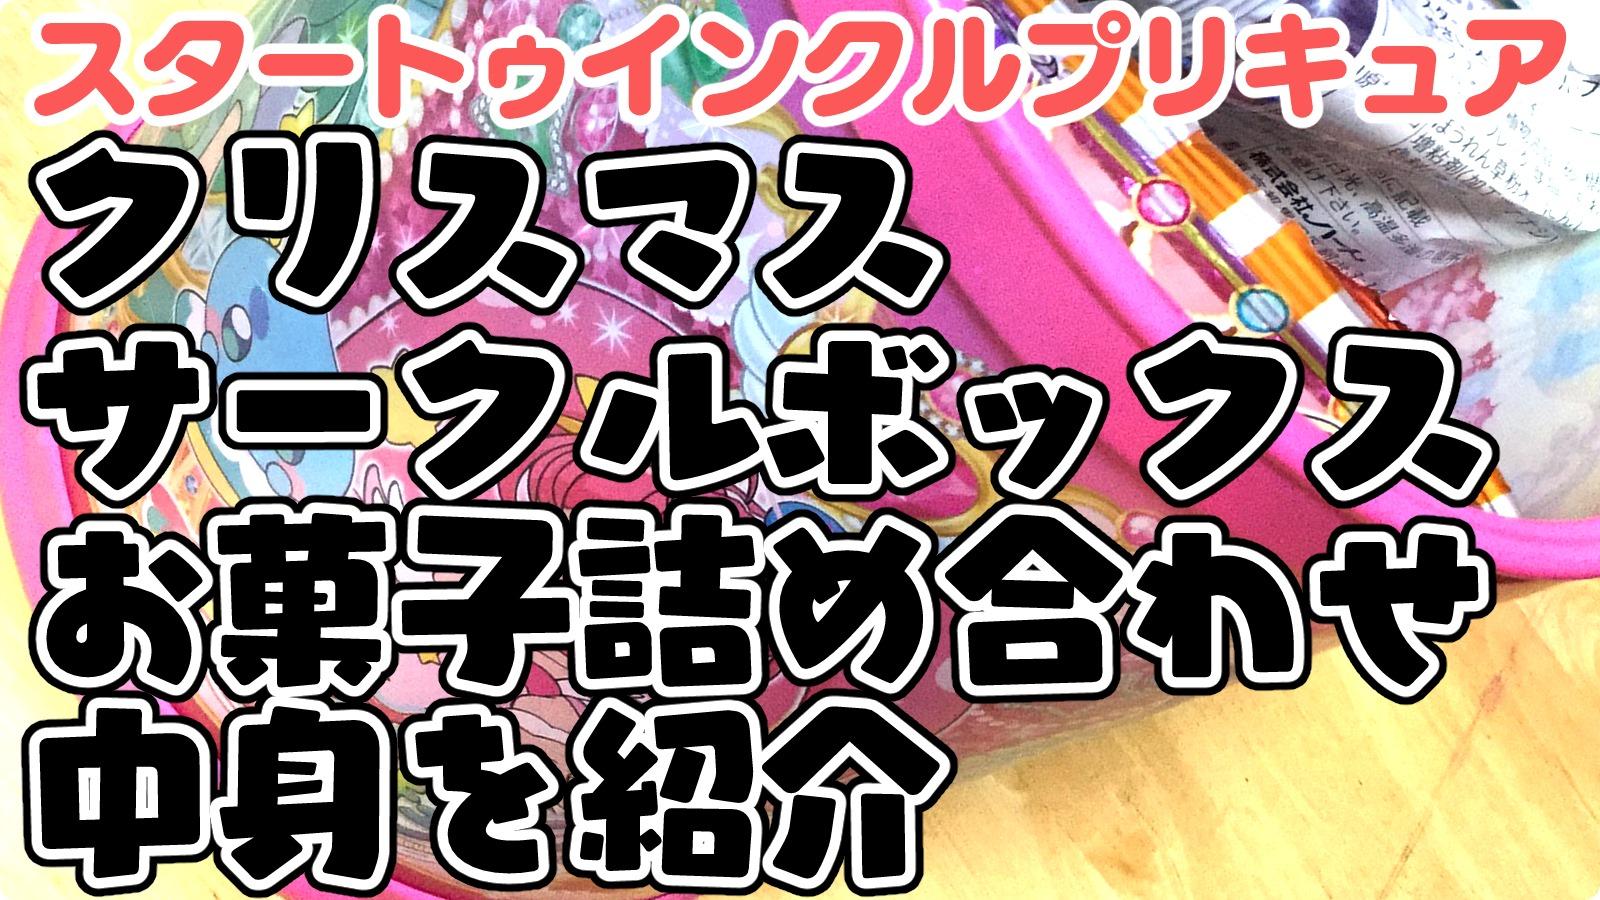 スタプリクリスマスサークルBOXツお菓子詰め合わせヘッダ